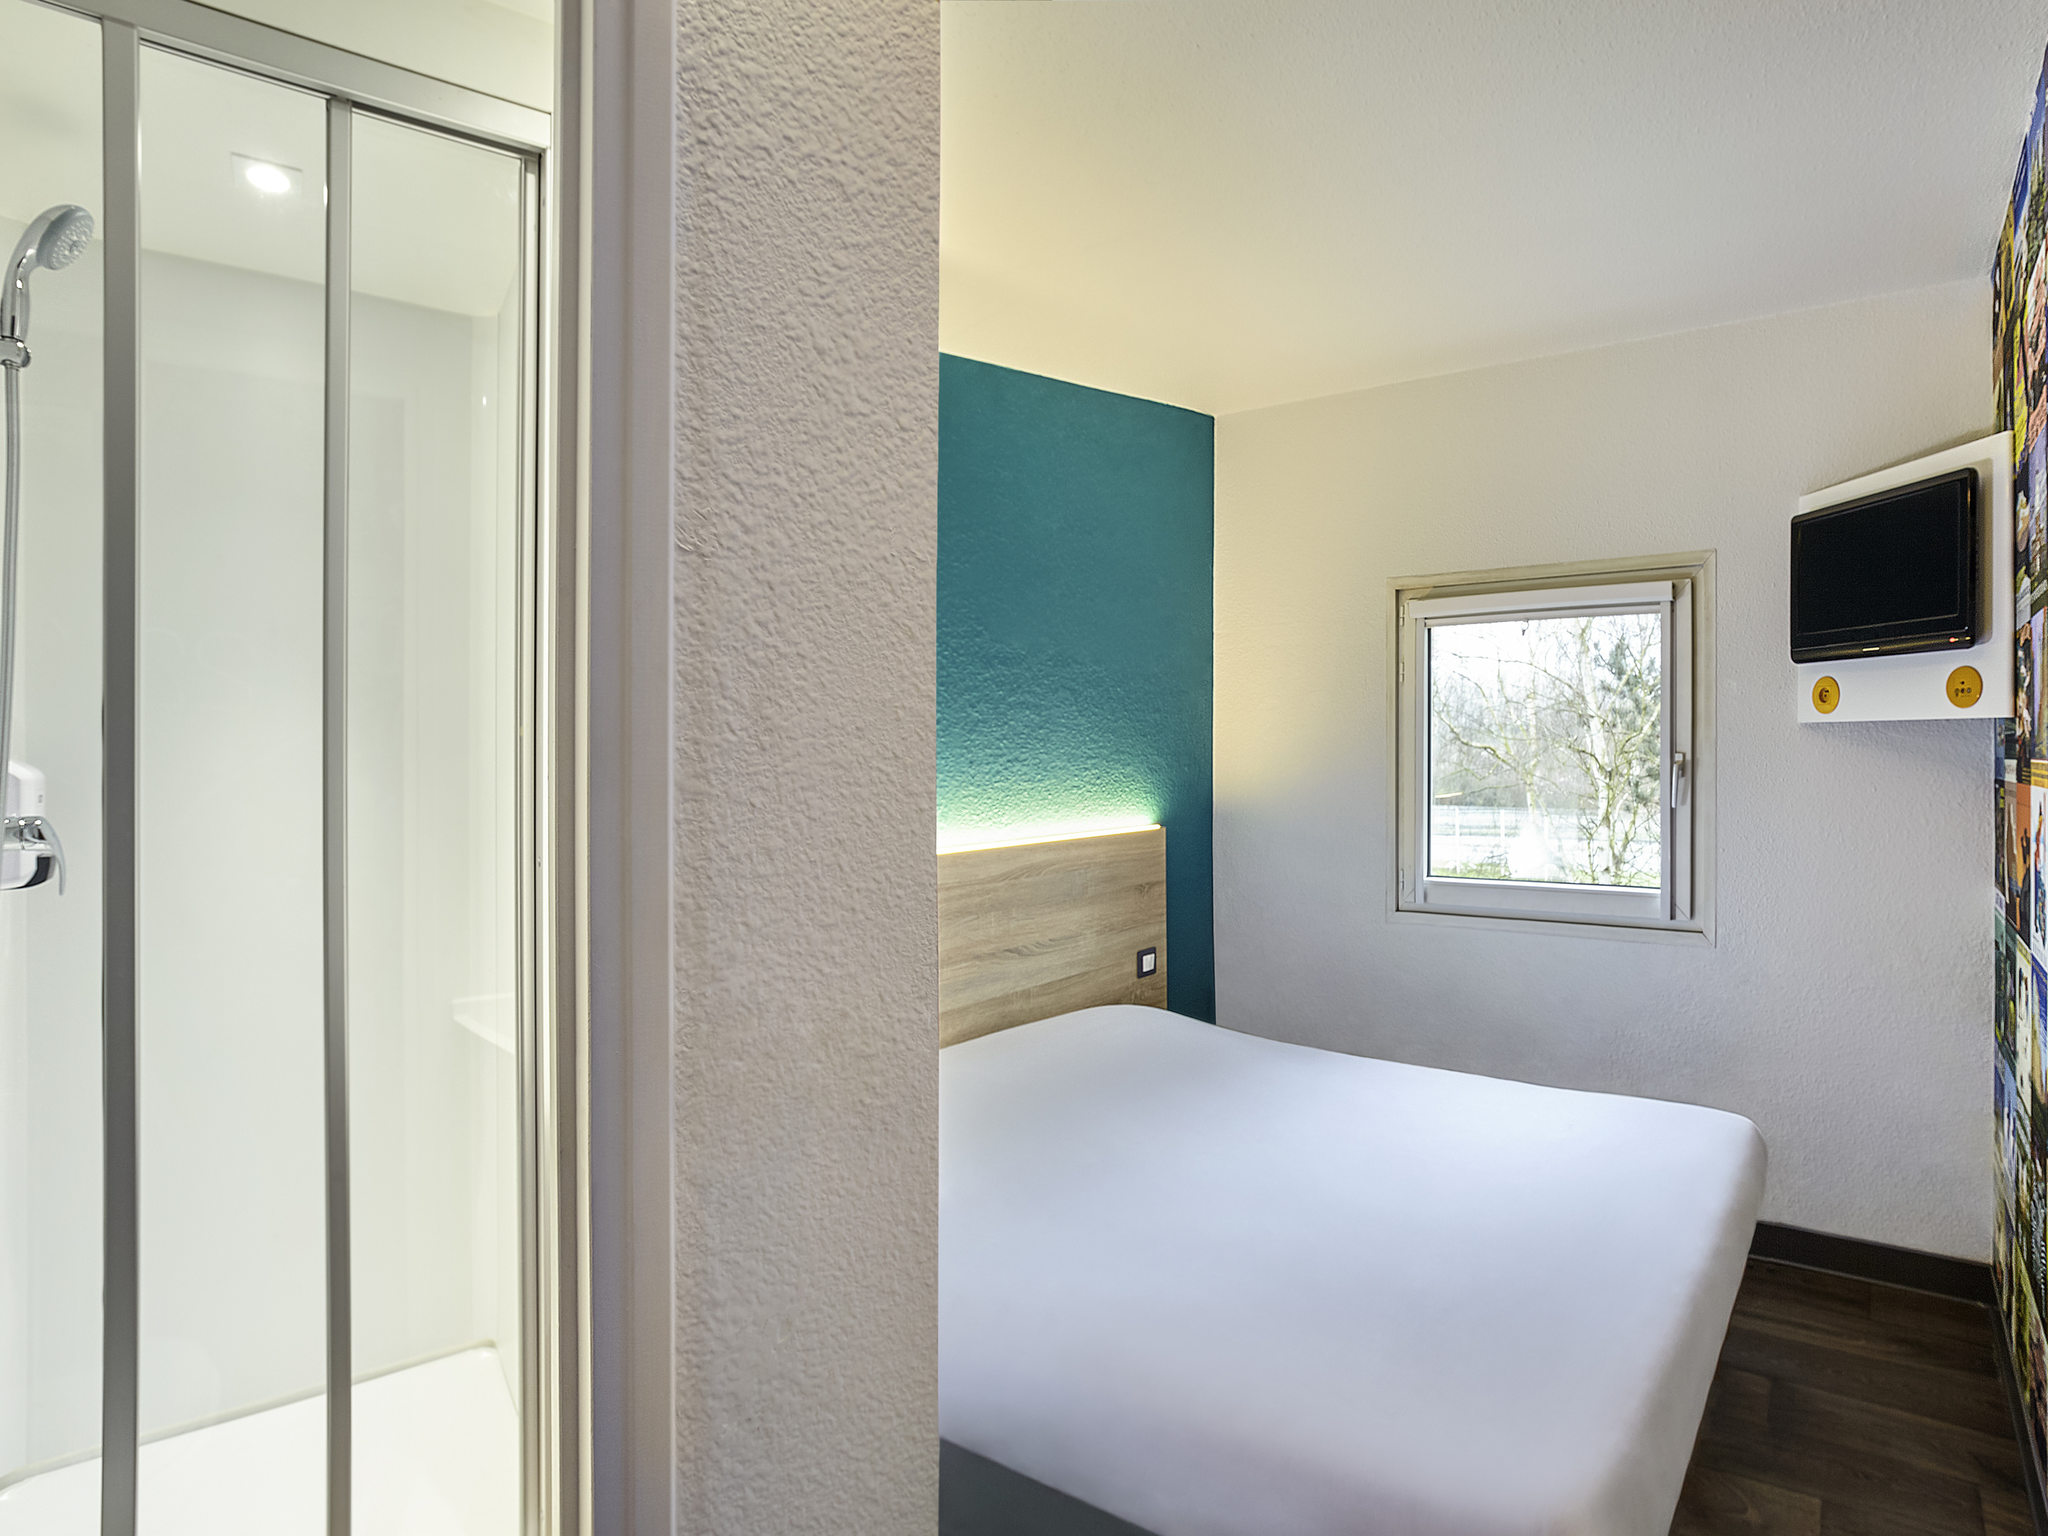 Hotel – hotelF1 Lille Métropole (Métro Mons Sarts)